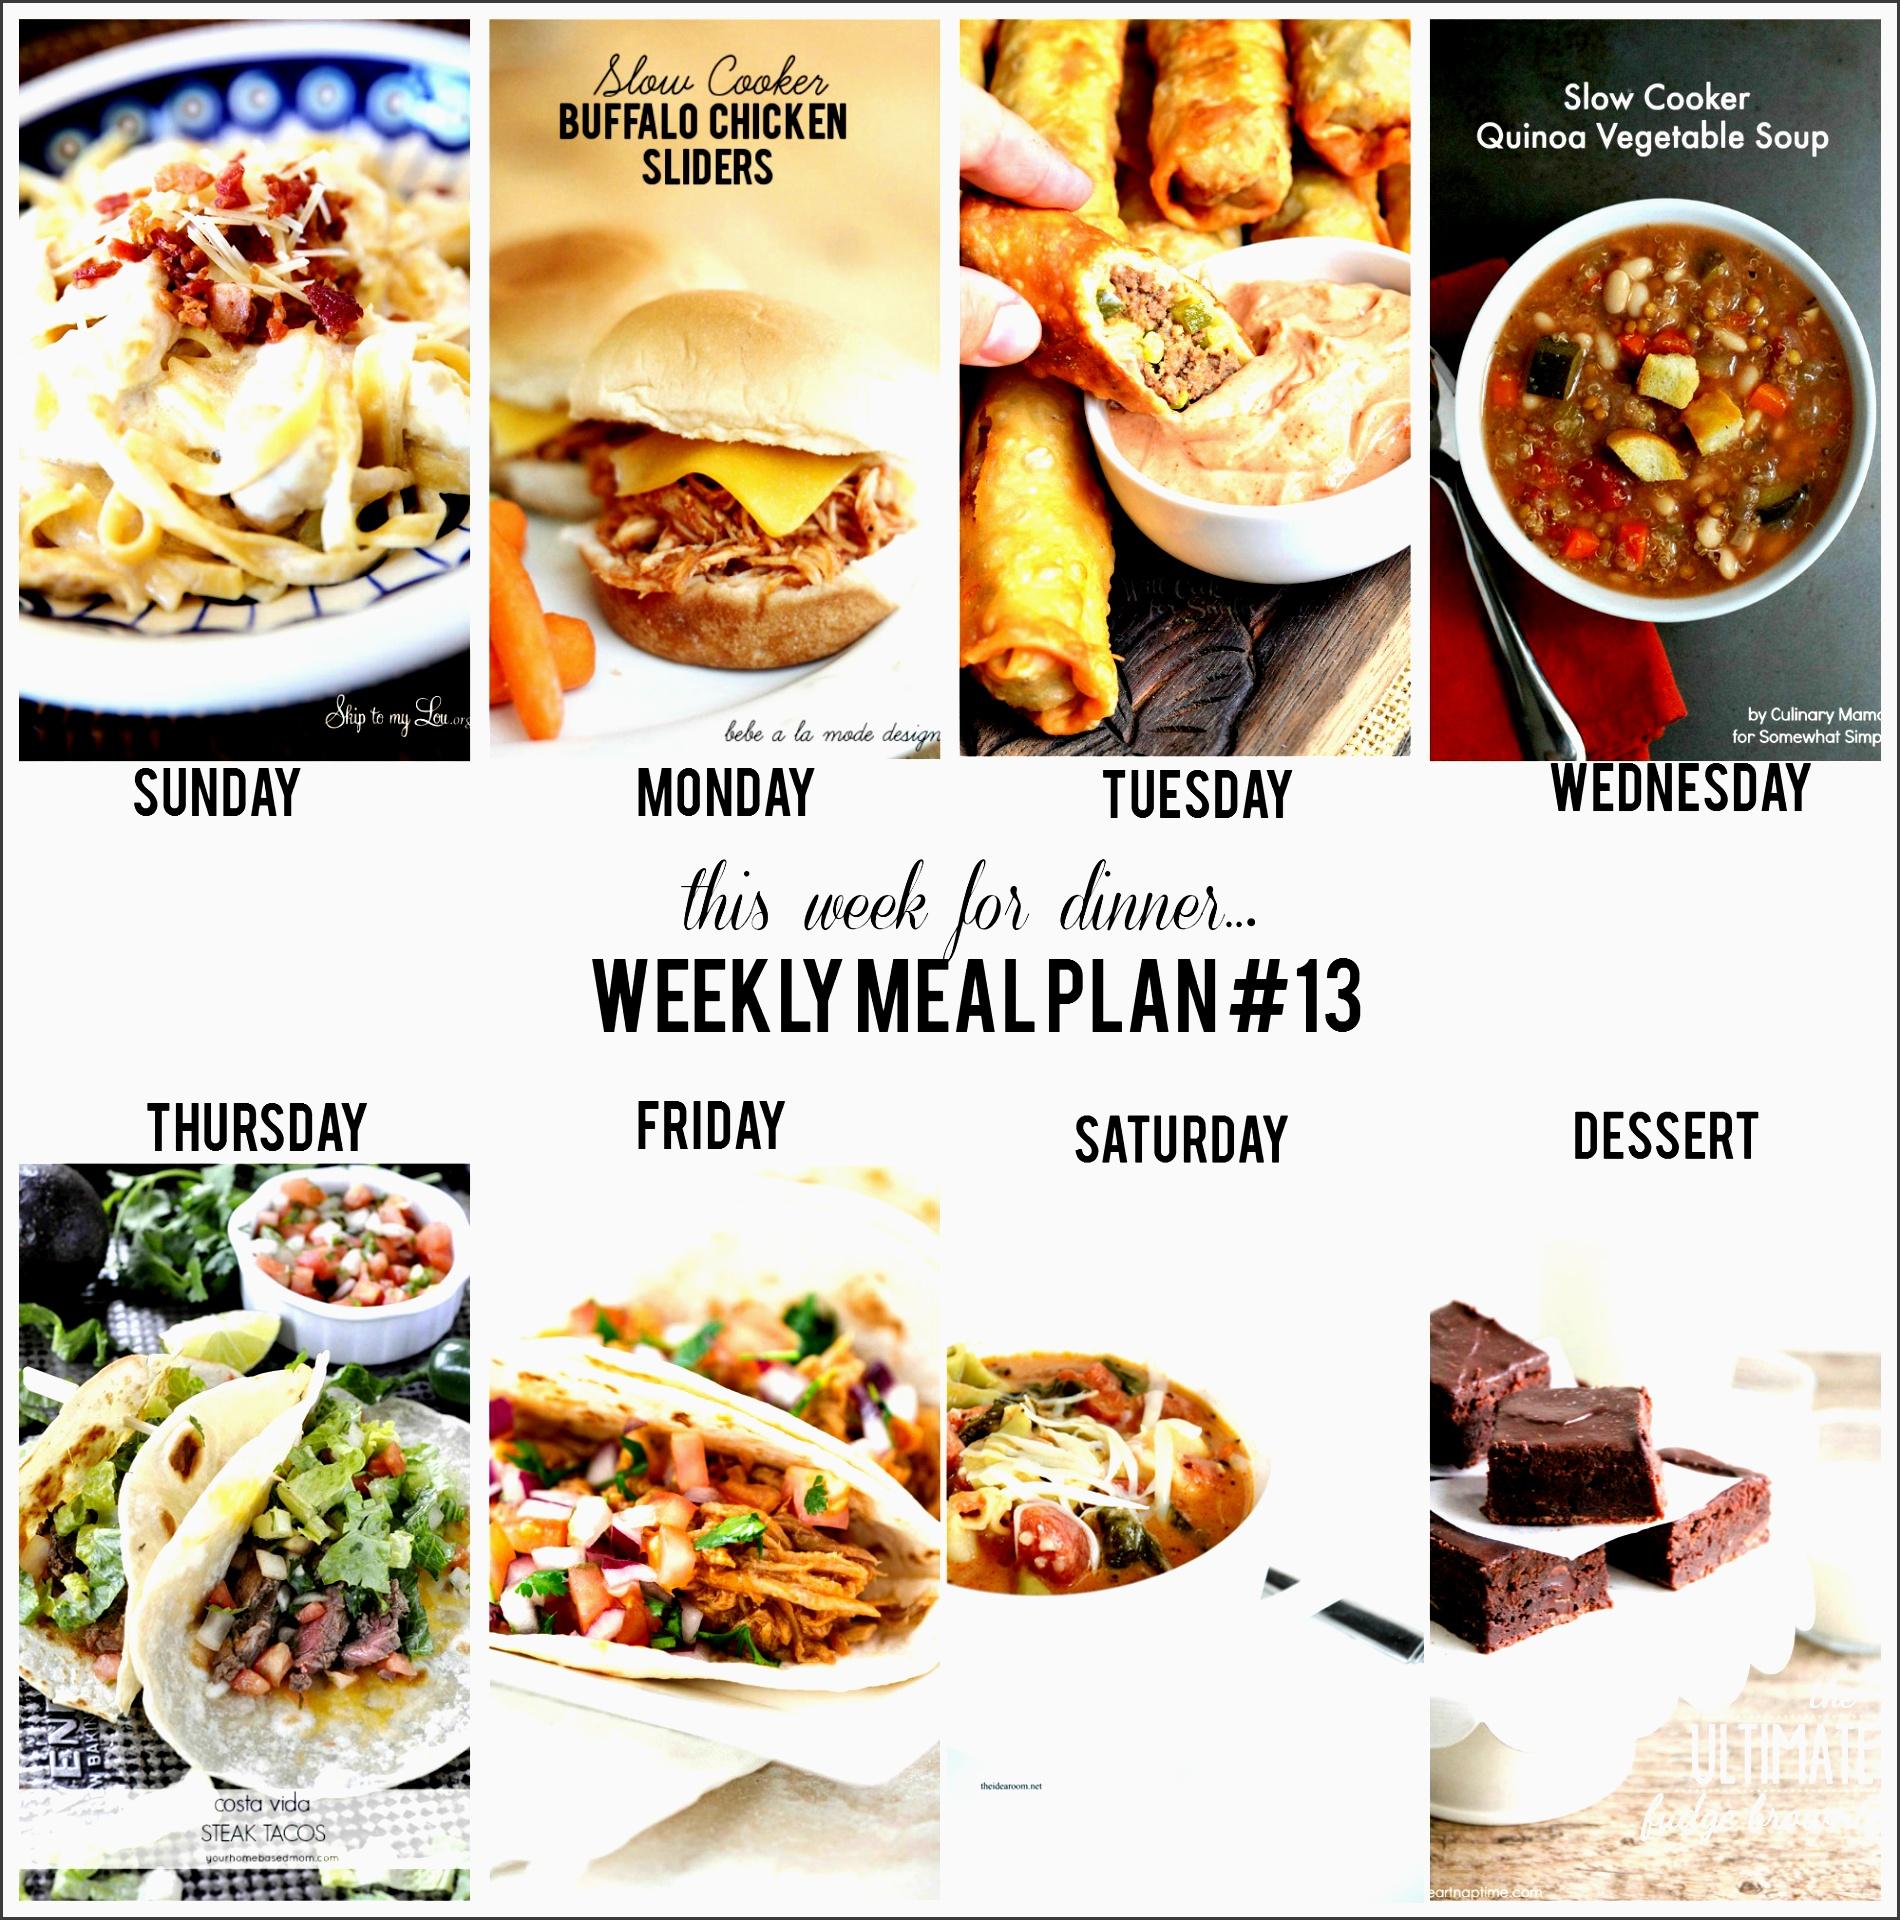 weekly meal plan 13 edited